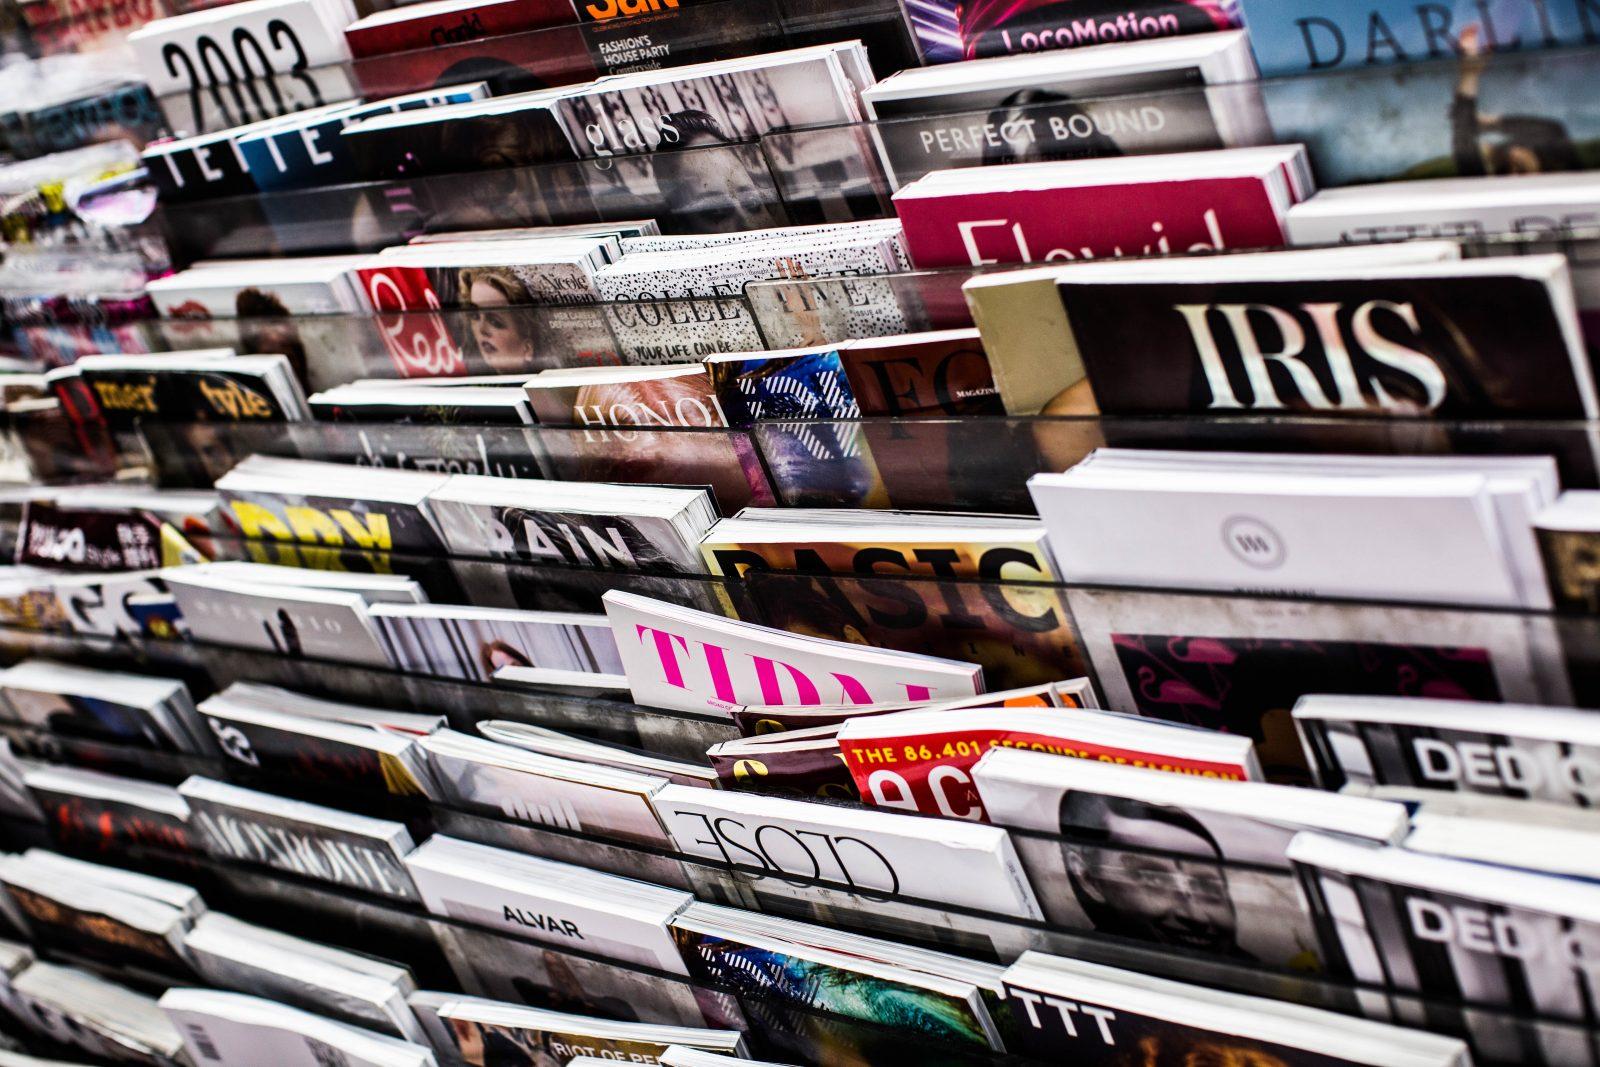 Lehtihylly täynnä lehtiä kaupassa.